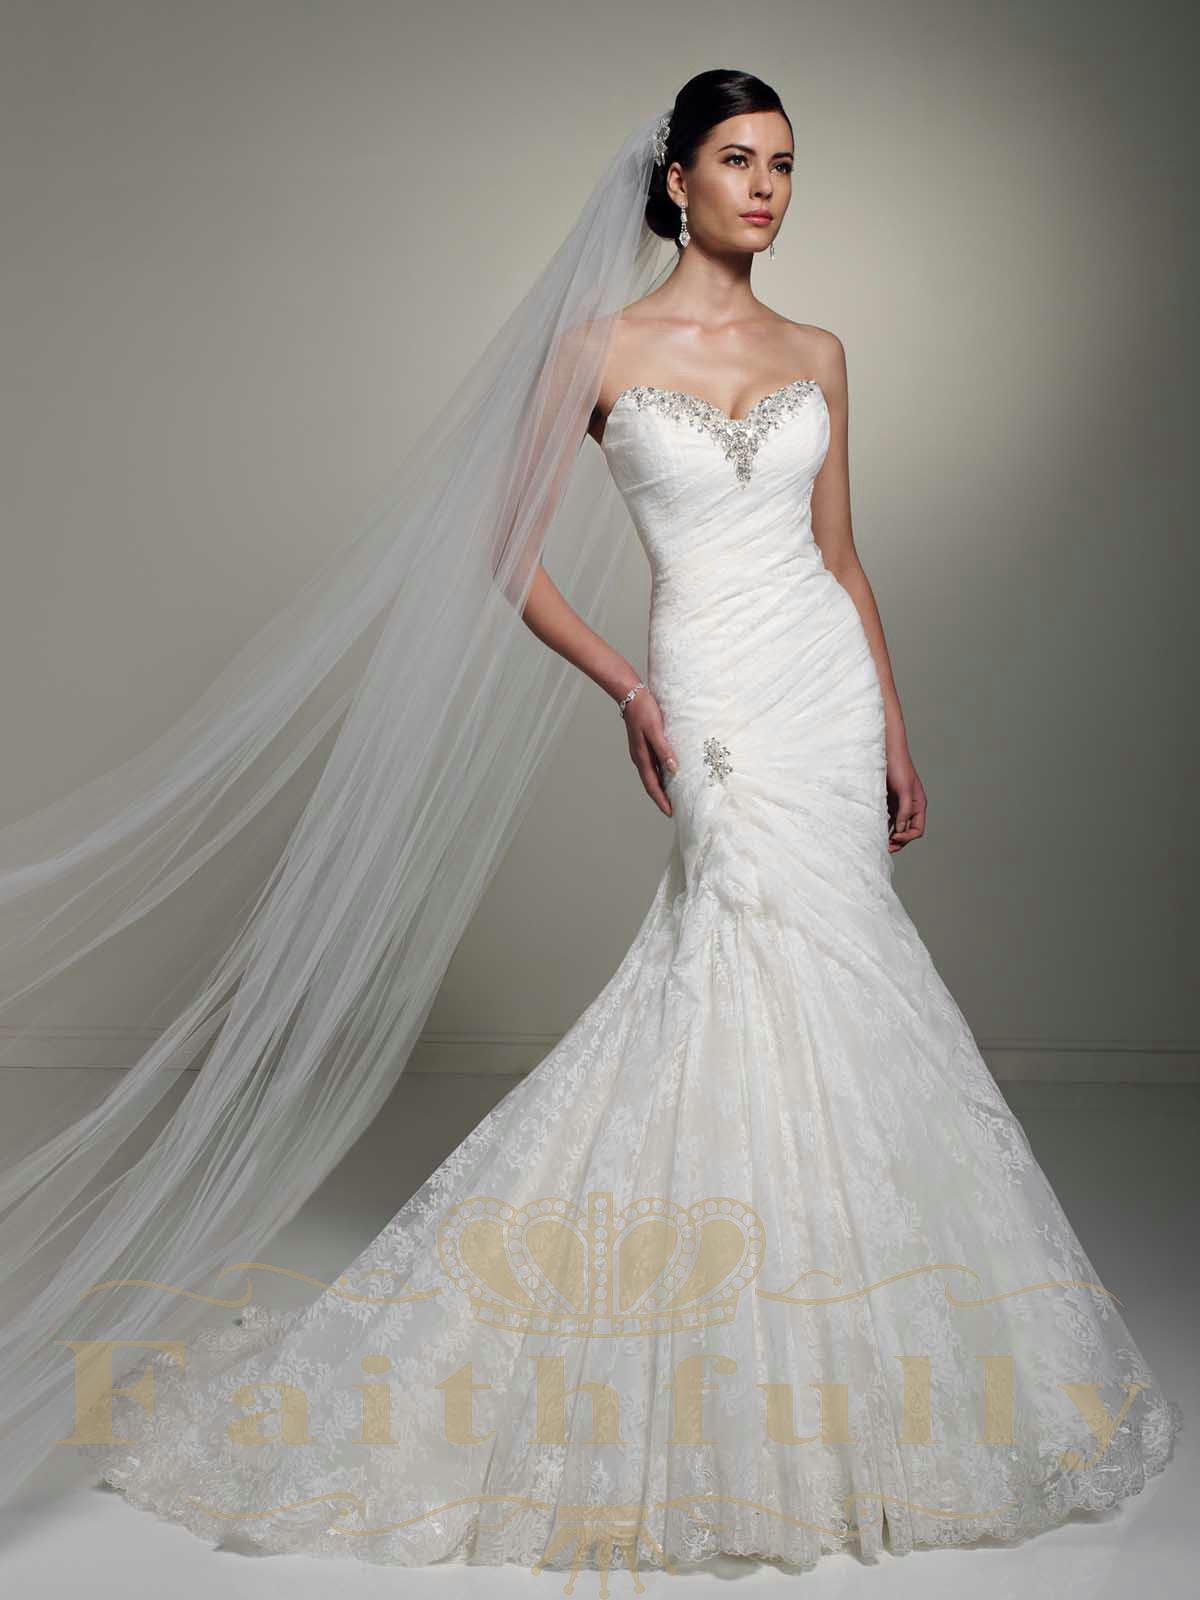 Corset Wedding Gown  Bodice Wedding Dress Sweetheart Corset Back Beaded Sequins